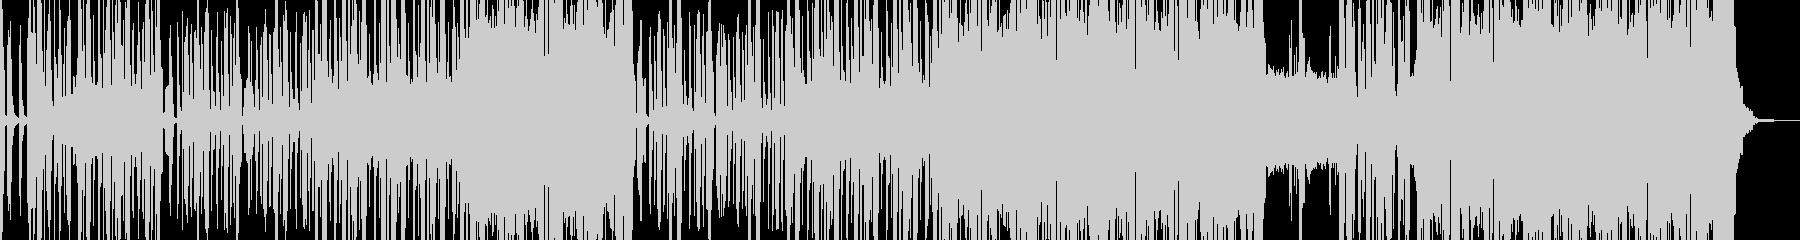 民族楽器・怪しげで恍惚なR&B ボイス無の未再生の波形